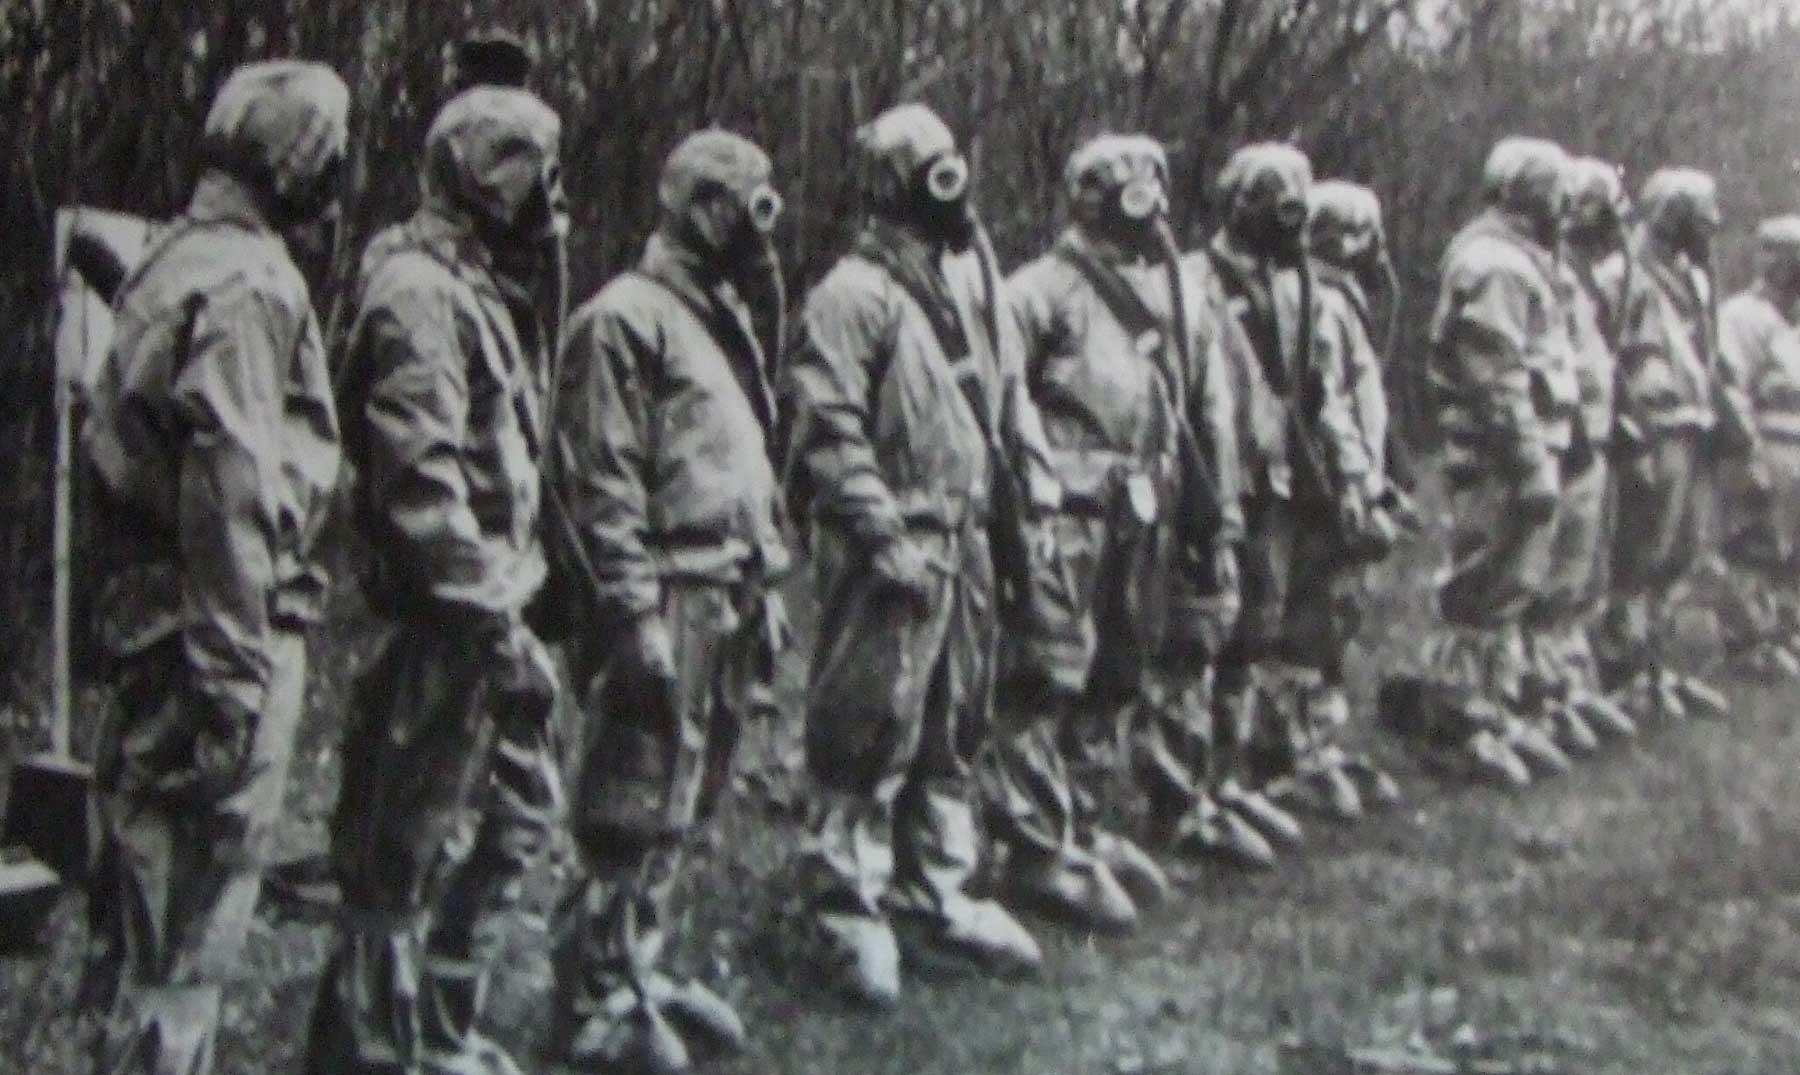 héroe de Chernobyl se suicida liquidadores